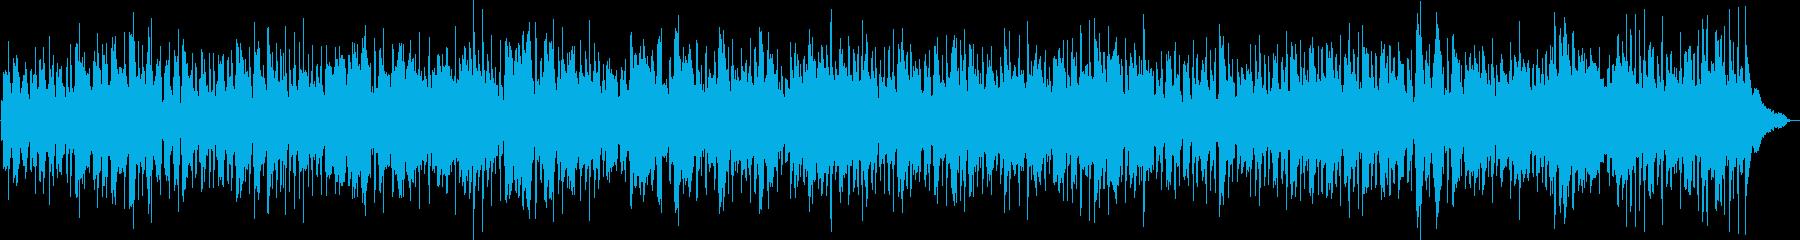 軽快なカントリー風BGMの再生済みの波形